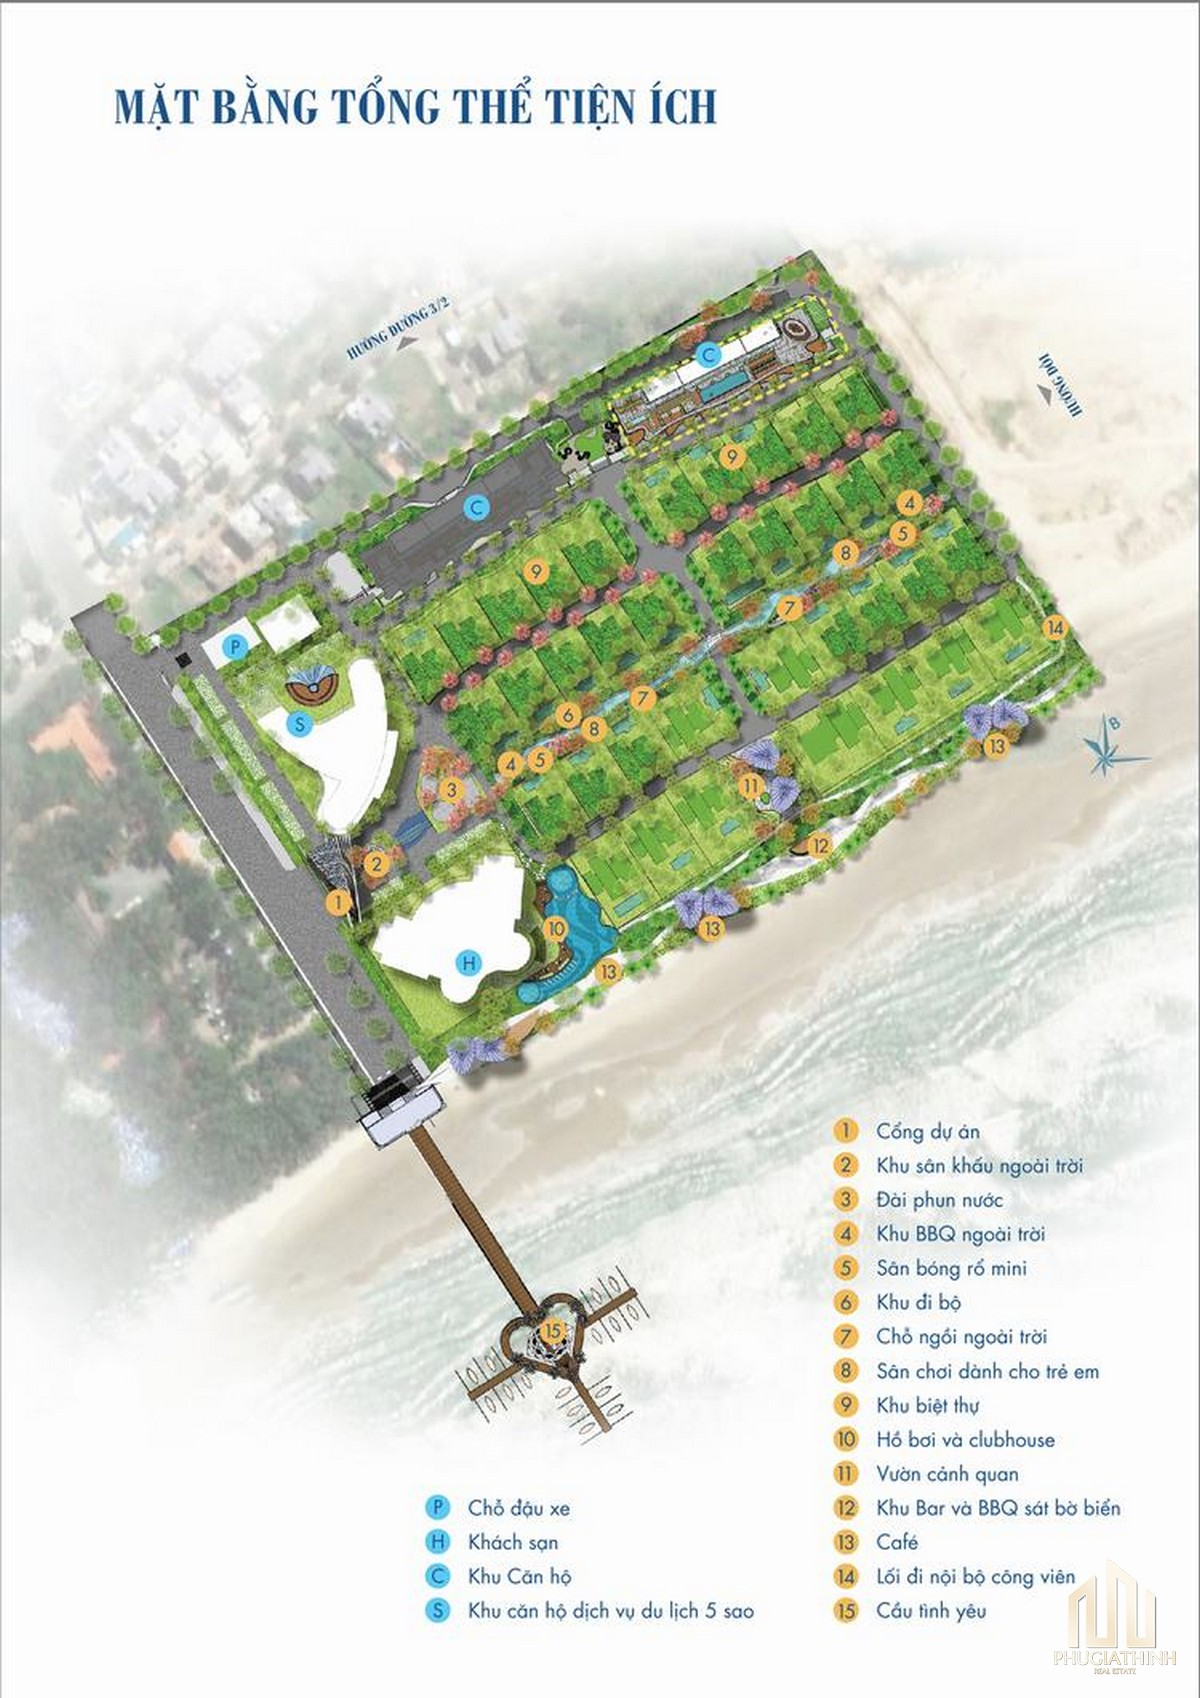 Mặt bằng bố trí tiện ích nội khu dự án Aria Vũng Tàu Hotel & Resort